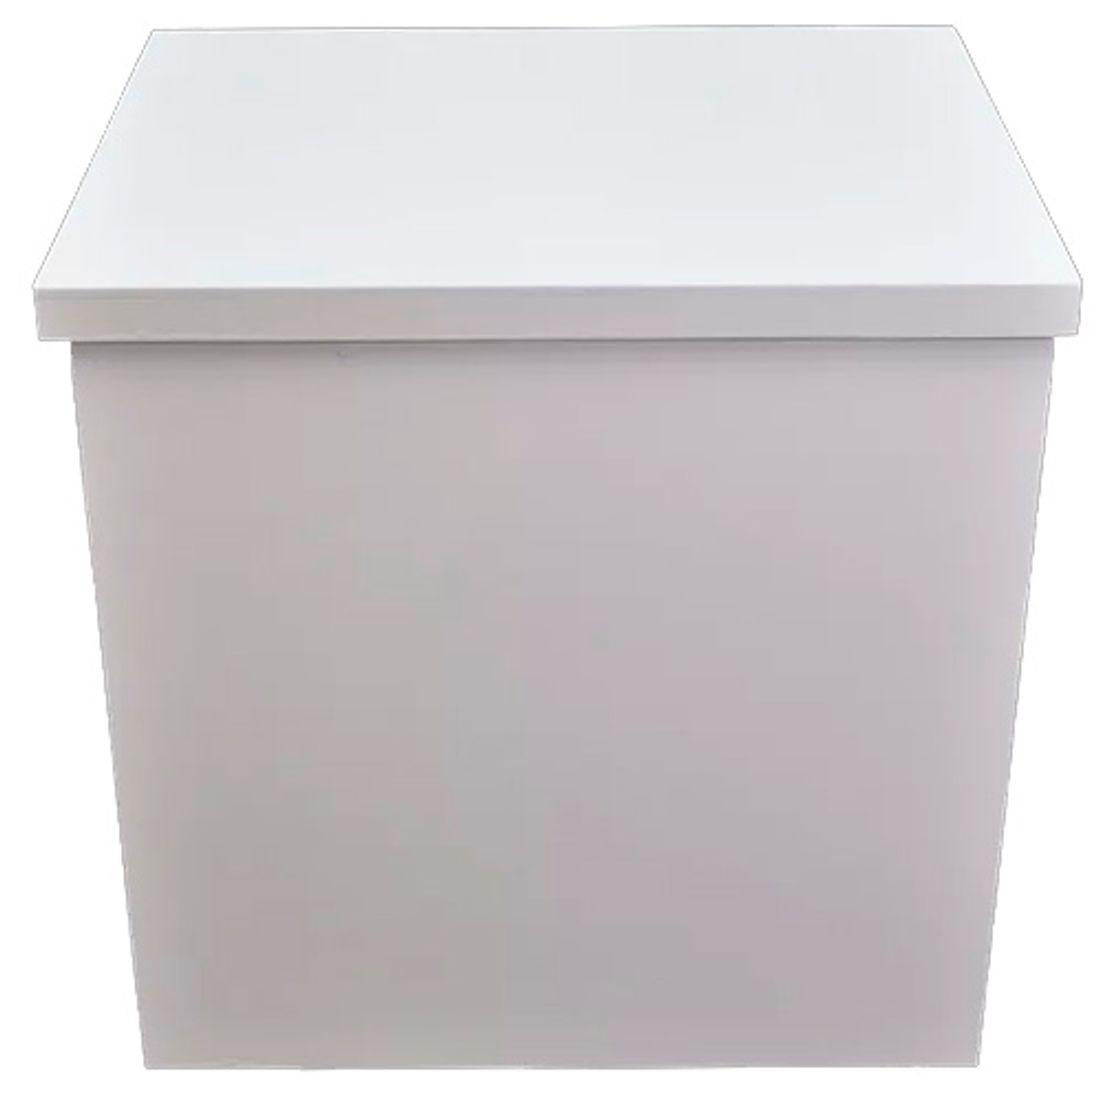 Caixa-Quadrada-Presente-C--Alca-50x50x50